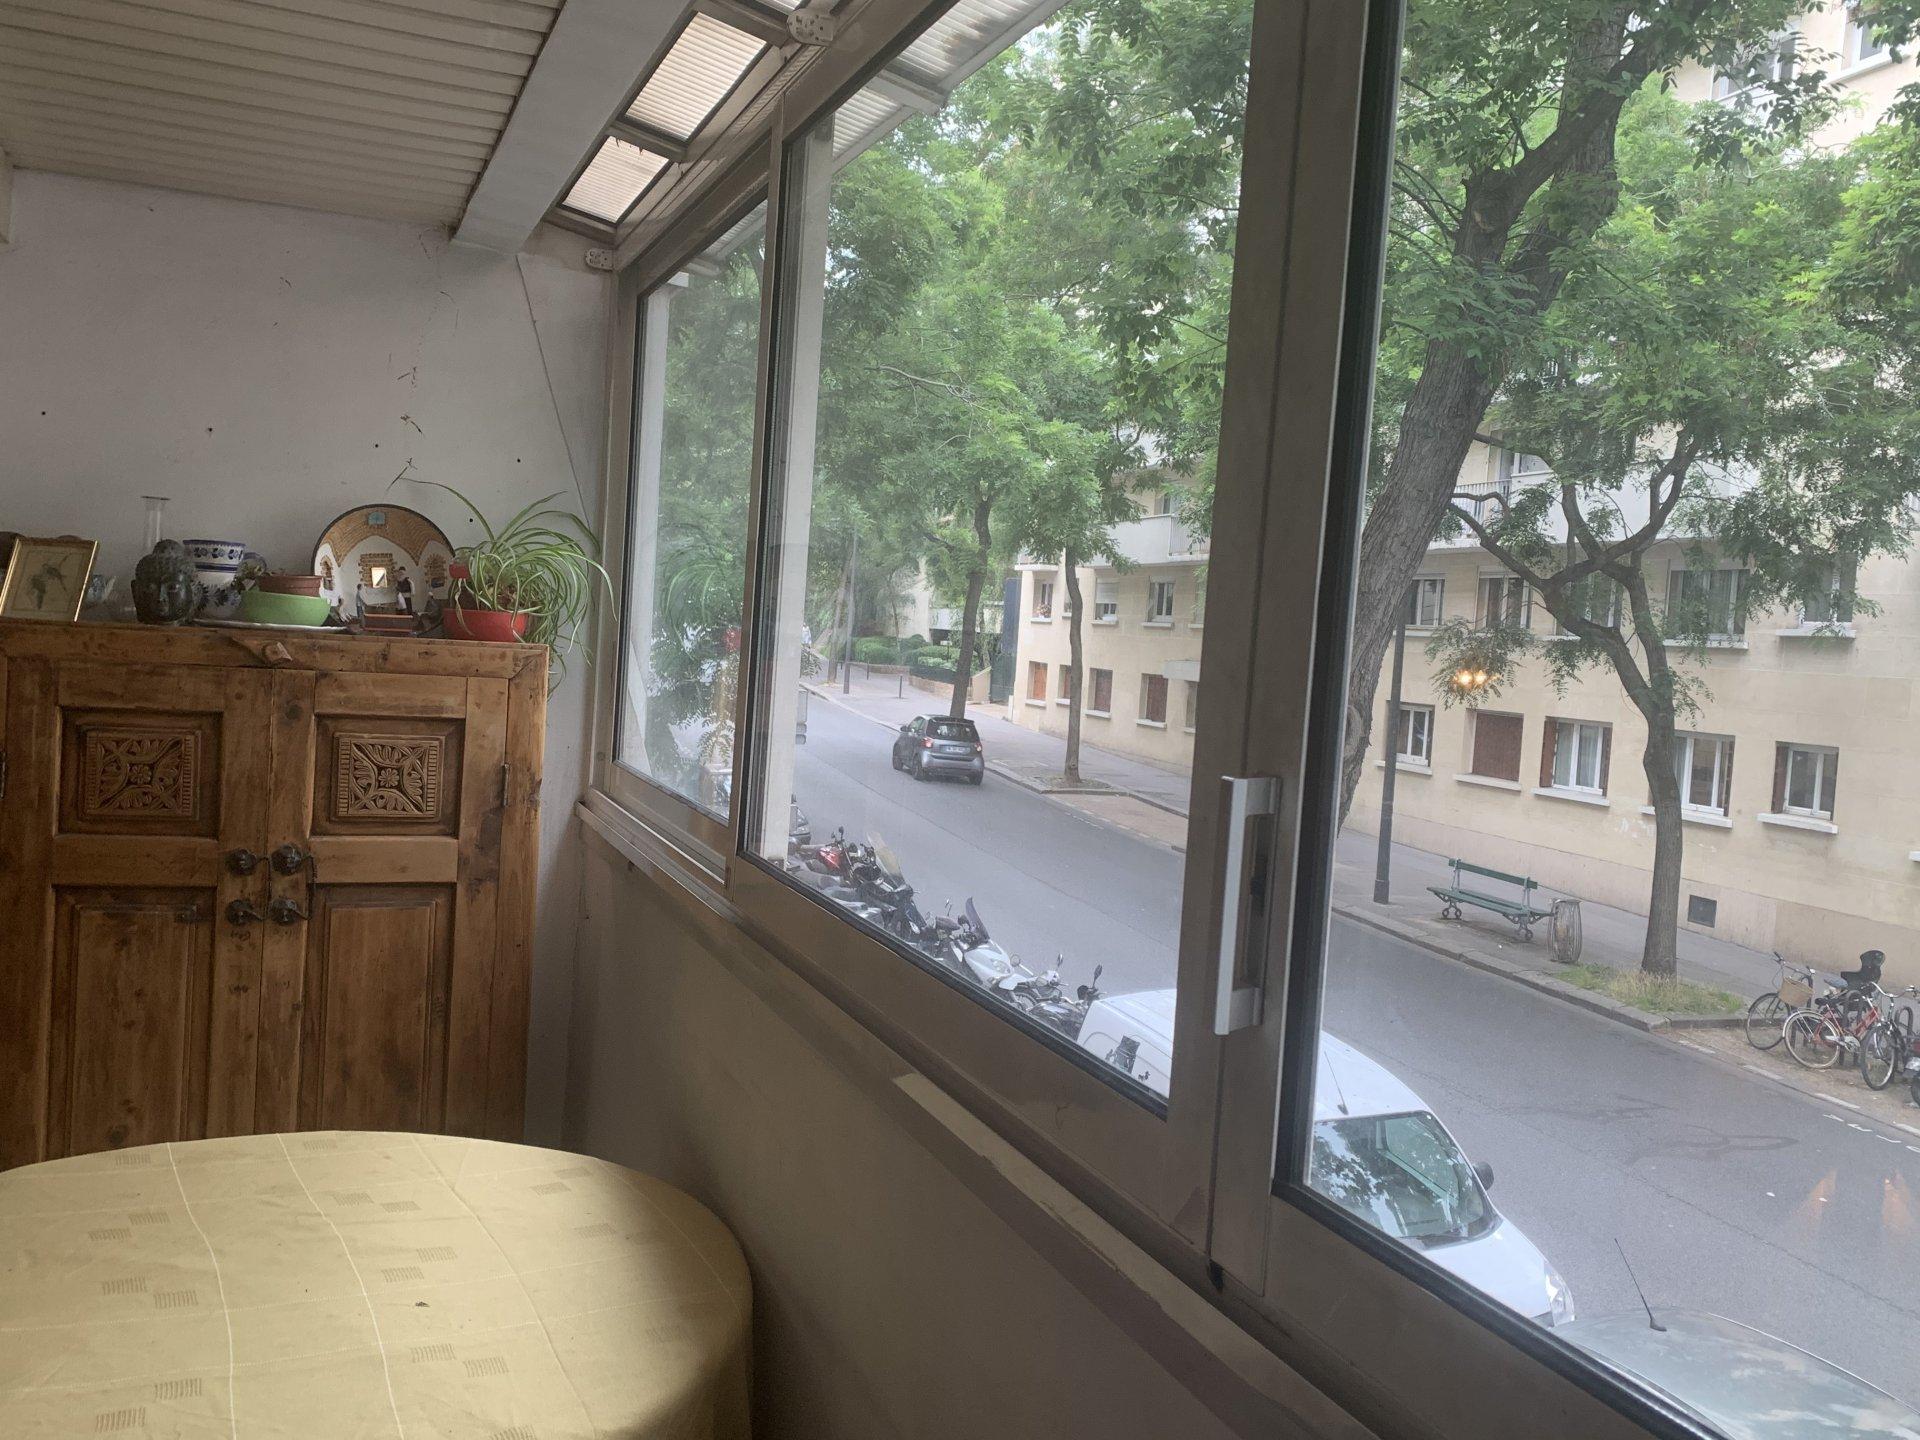 Paris - XX ème - M° Gambetta- 4 PIÈCES TRAVERSANT  - 2 CHAMBRES - JARDIN  - BALCON - SOLEIL - CALME ABSOLU - CADRE VERDOYANT - À RÉNOVER.